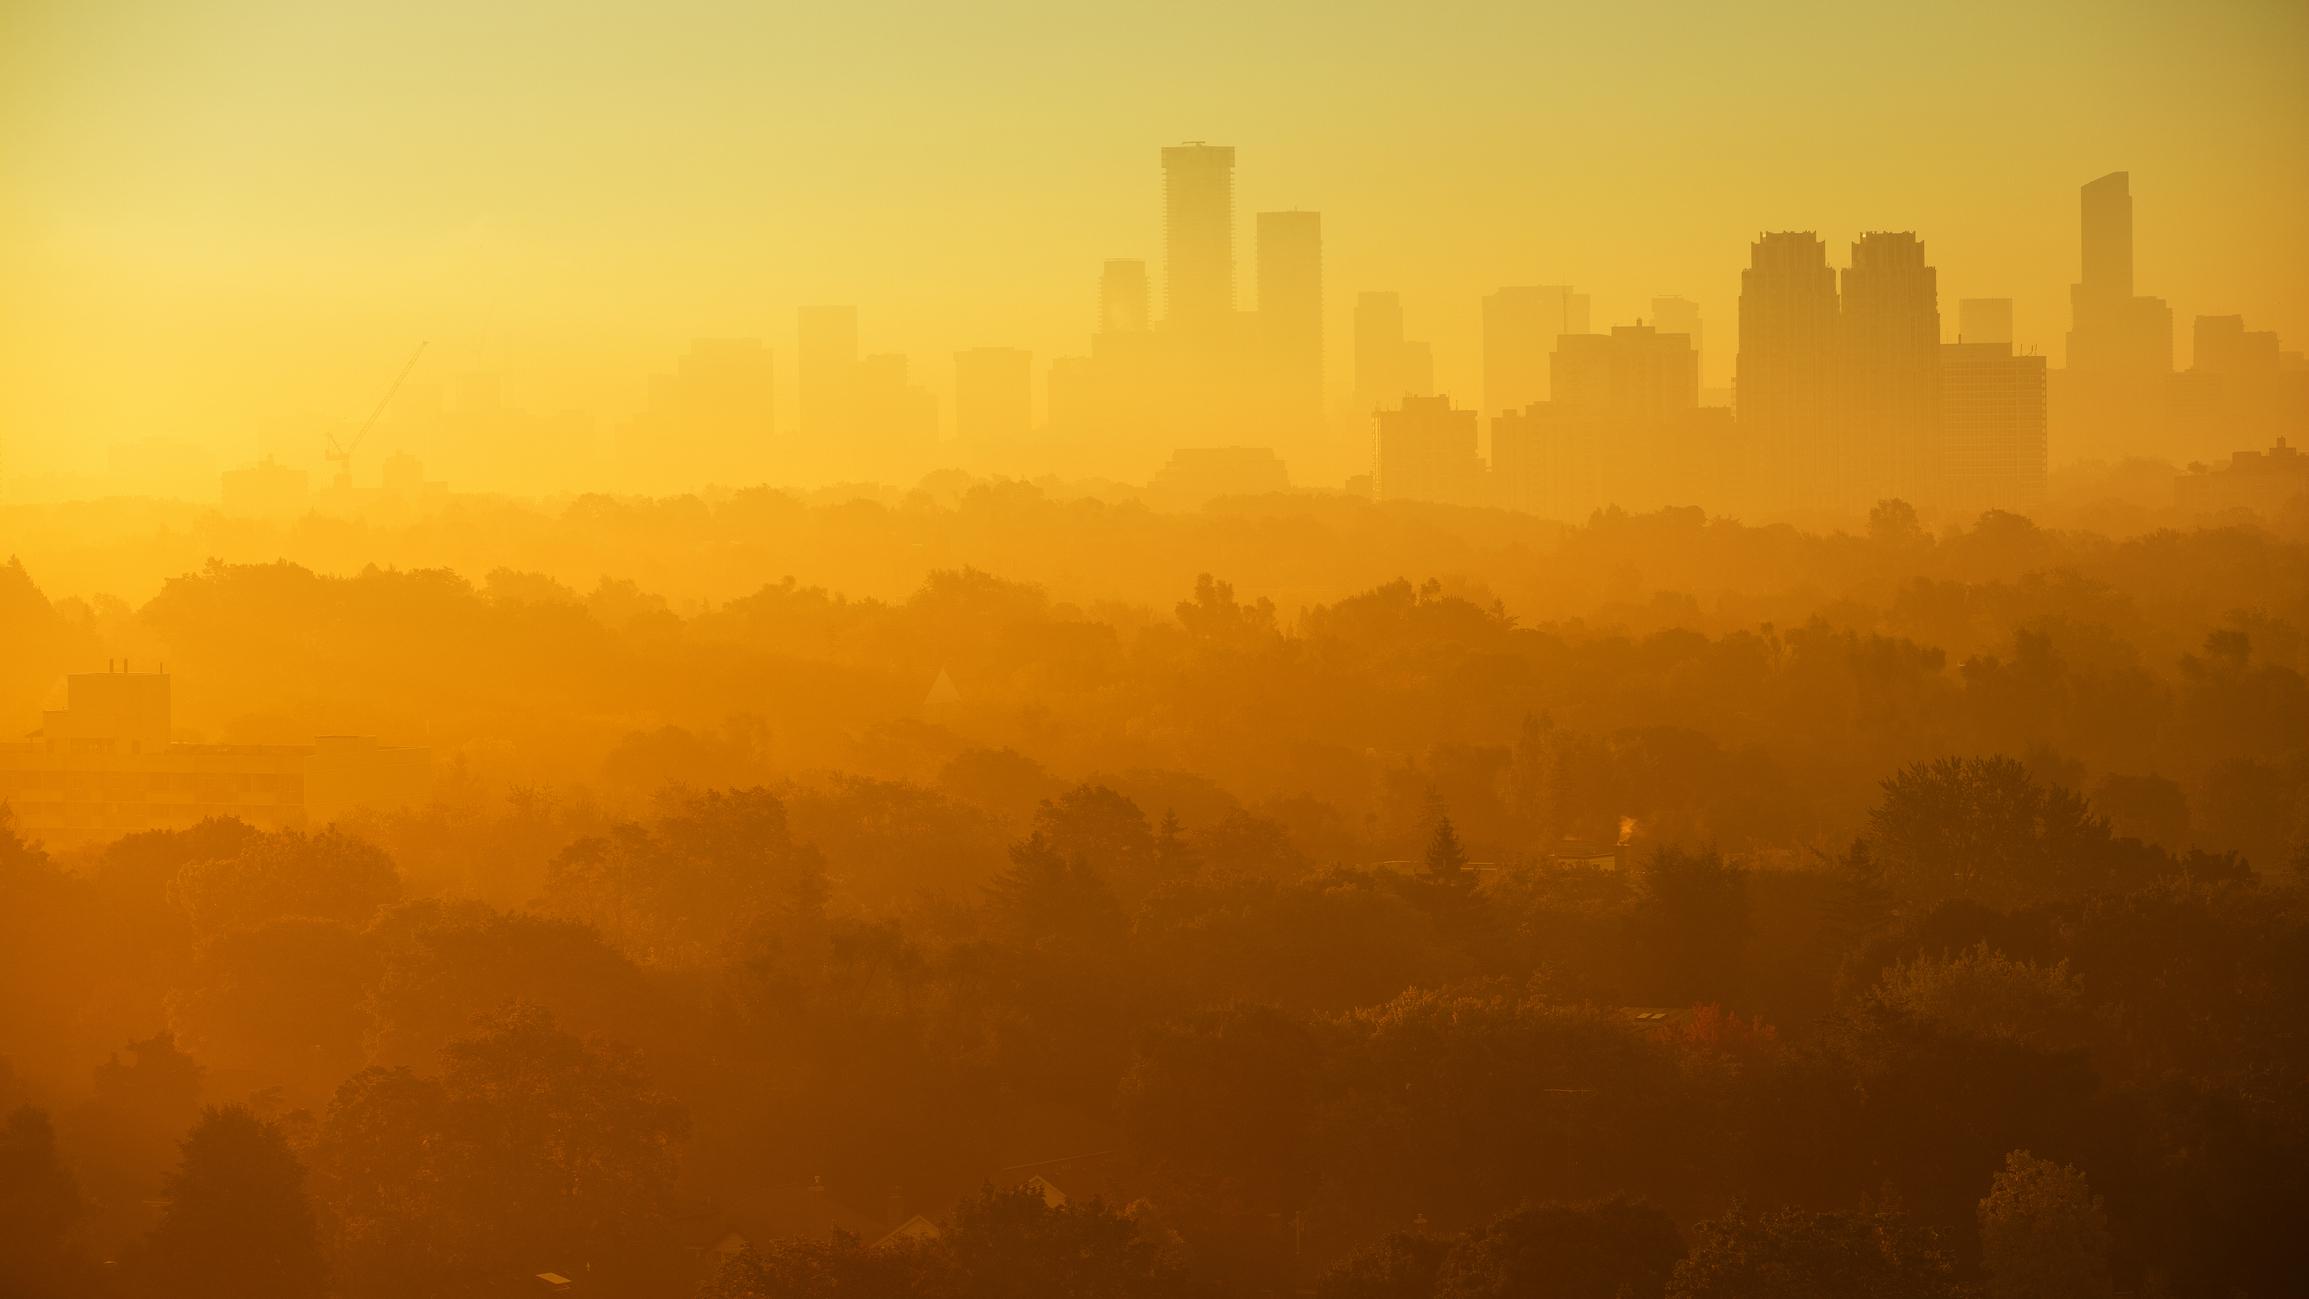 Мир будет сталкиваться с рекордной жарой каждый год, если человечество не примет меры